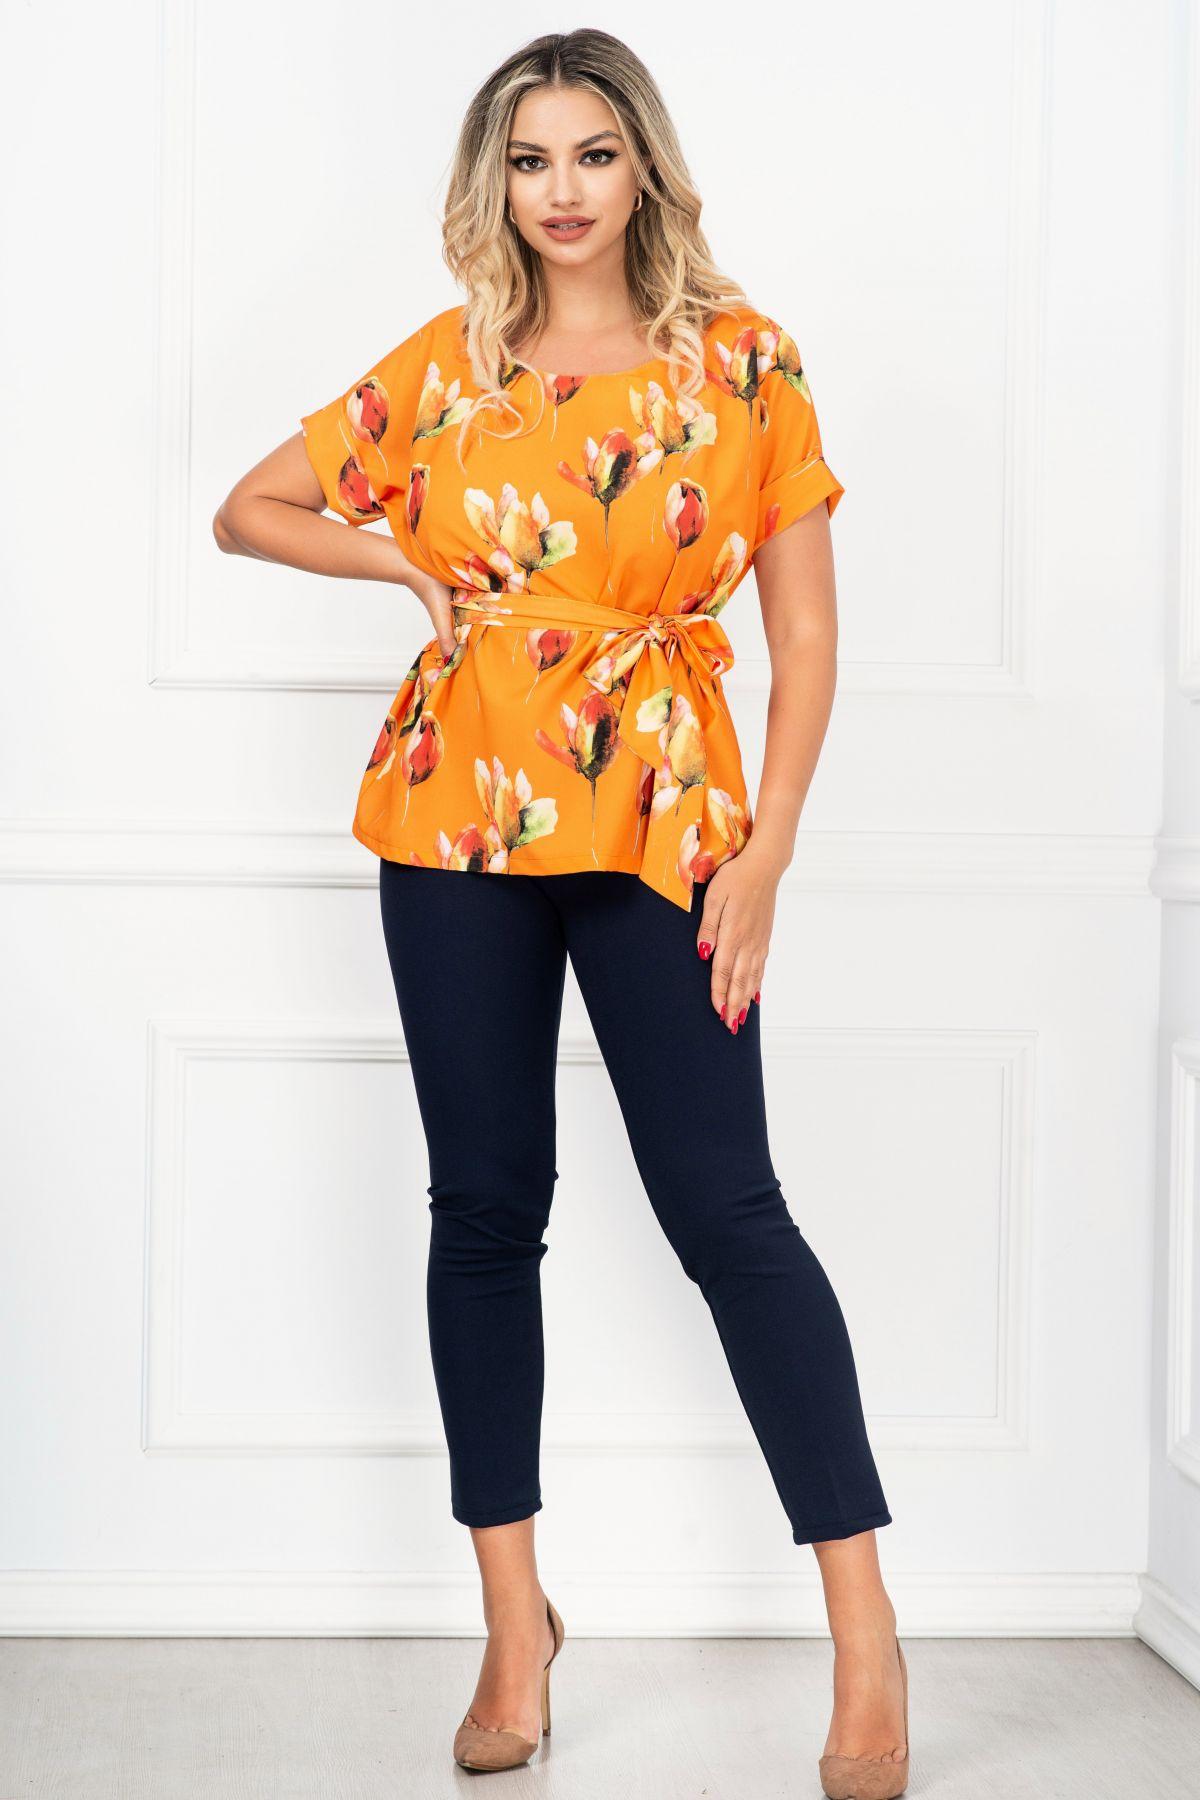 Compleu dama de vara lejer cu bluza orange si print lalele By InPuff